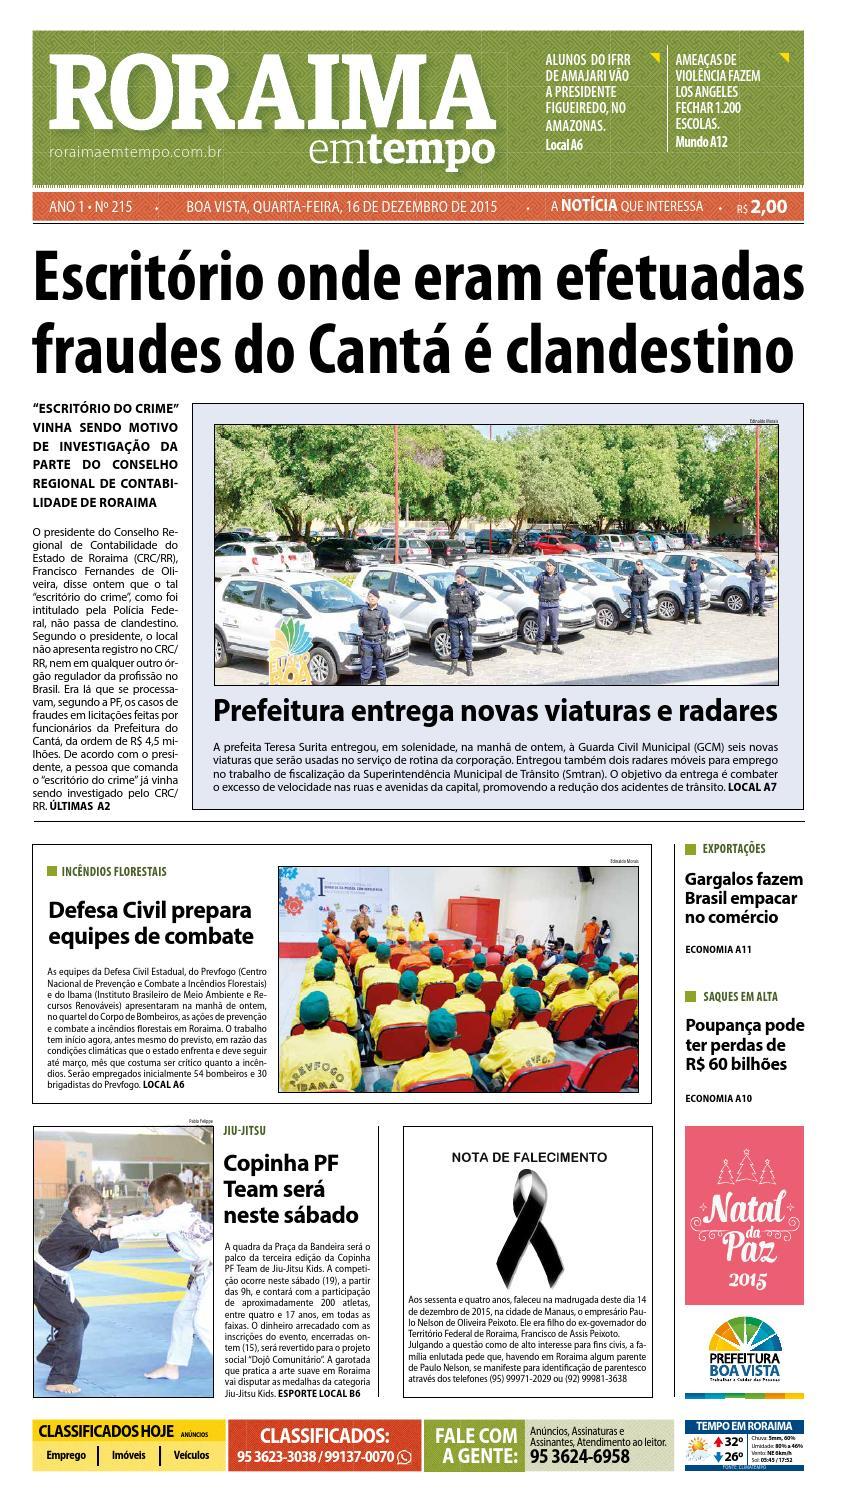 04c720c4bee Jornal roraima em tempo – edição 215 – período de visualização gratuito by  RoraimaEmTempo - issuu